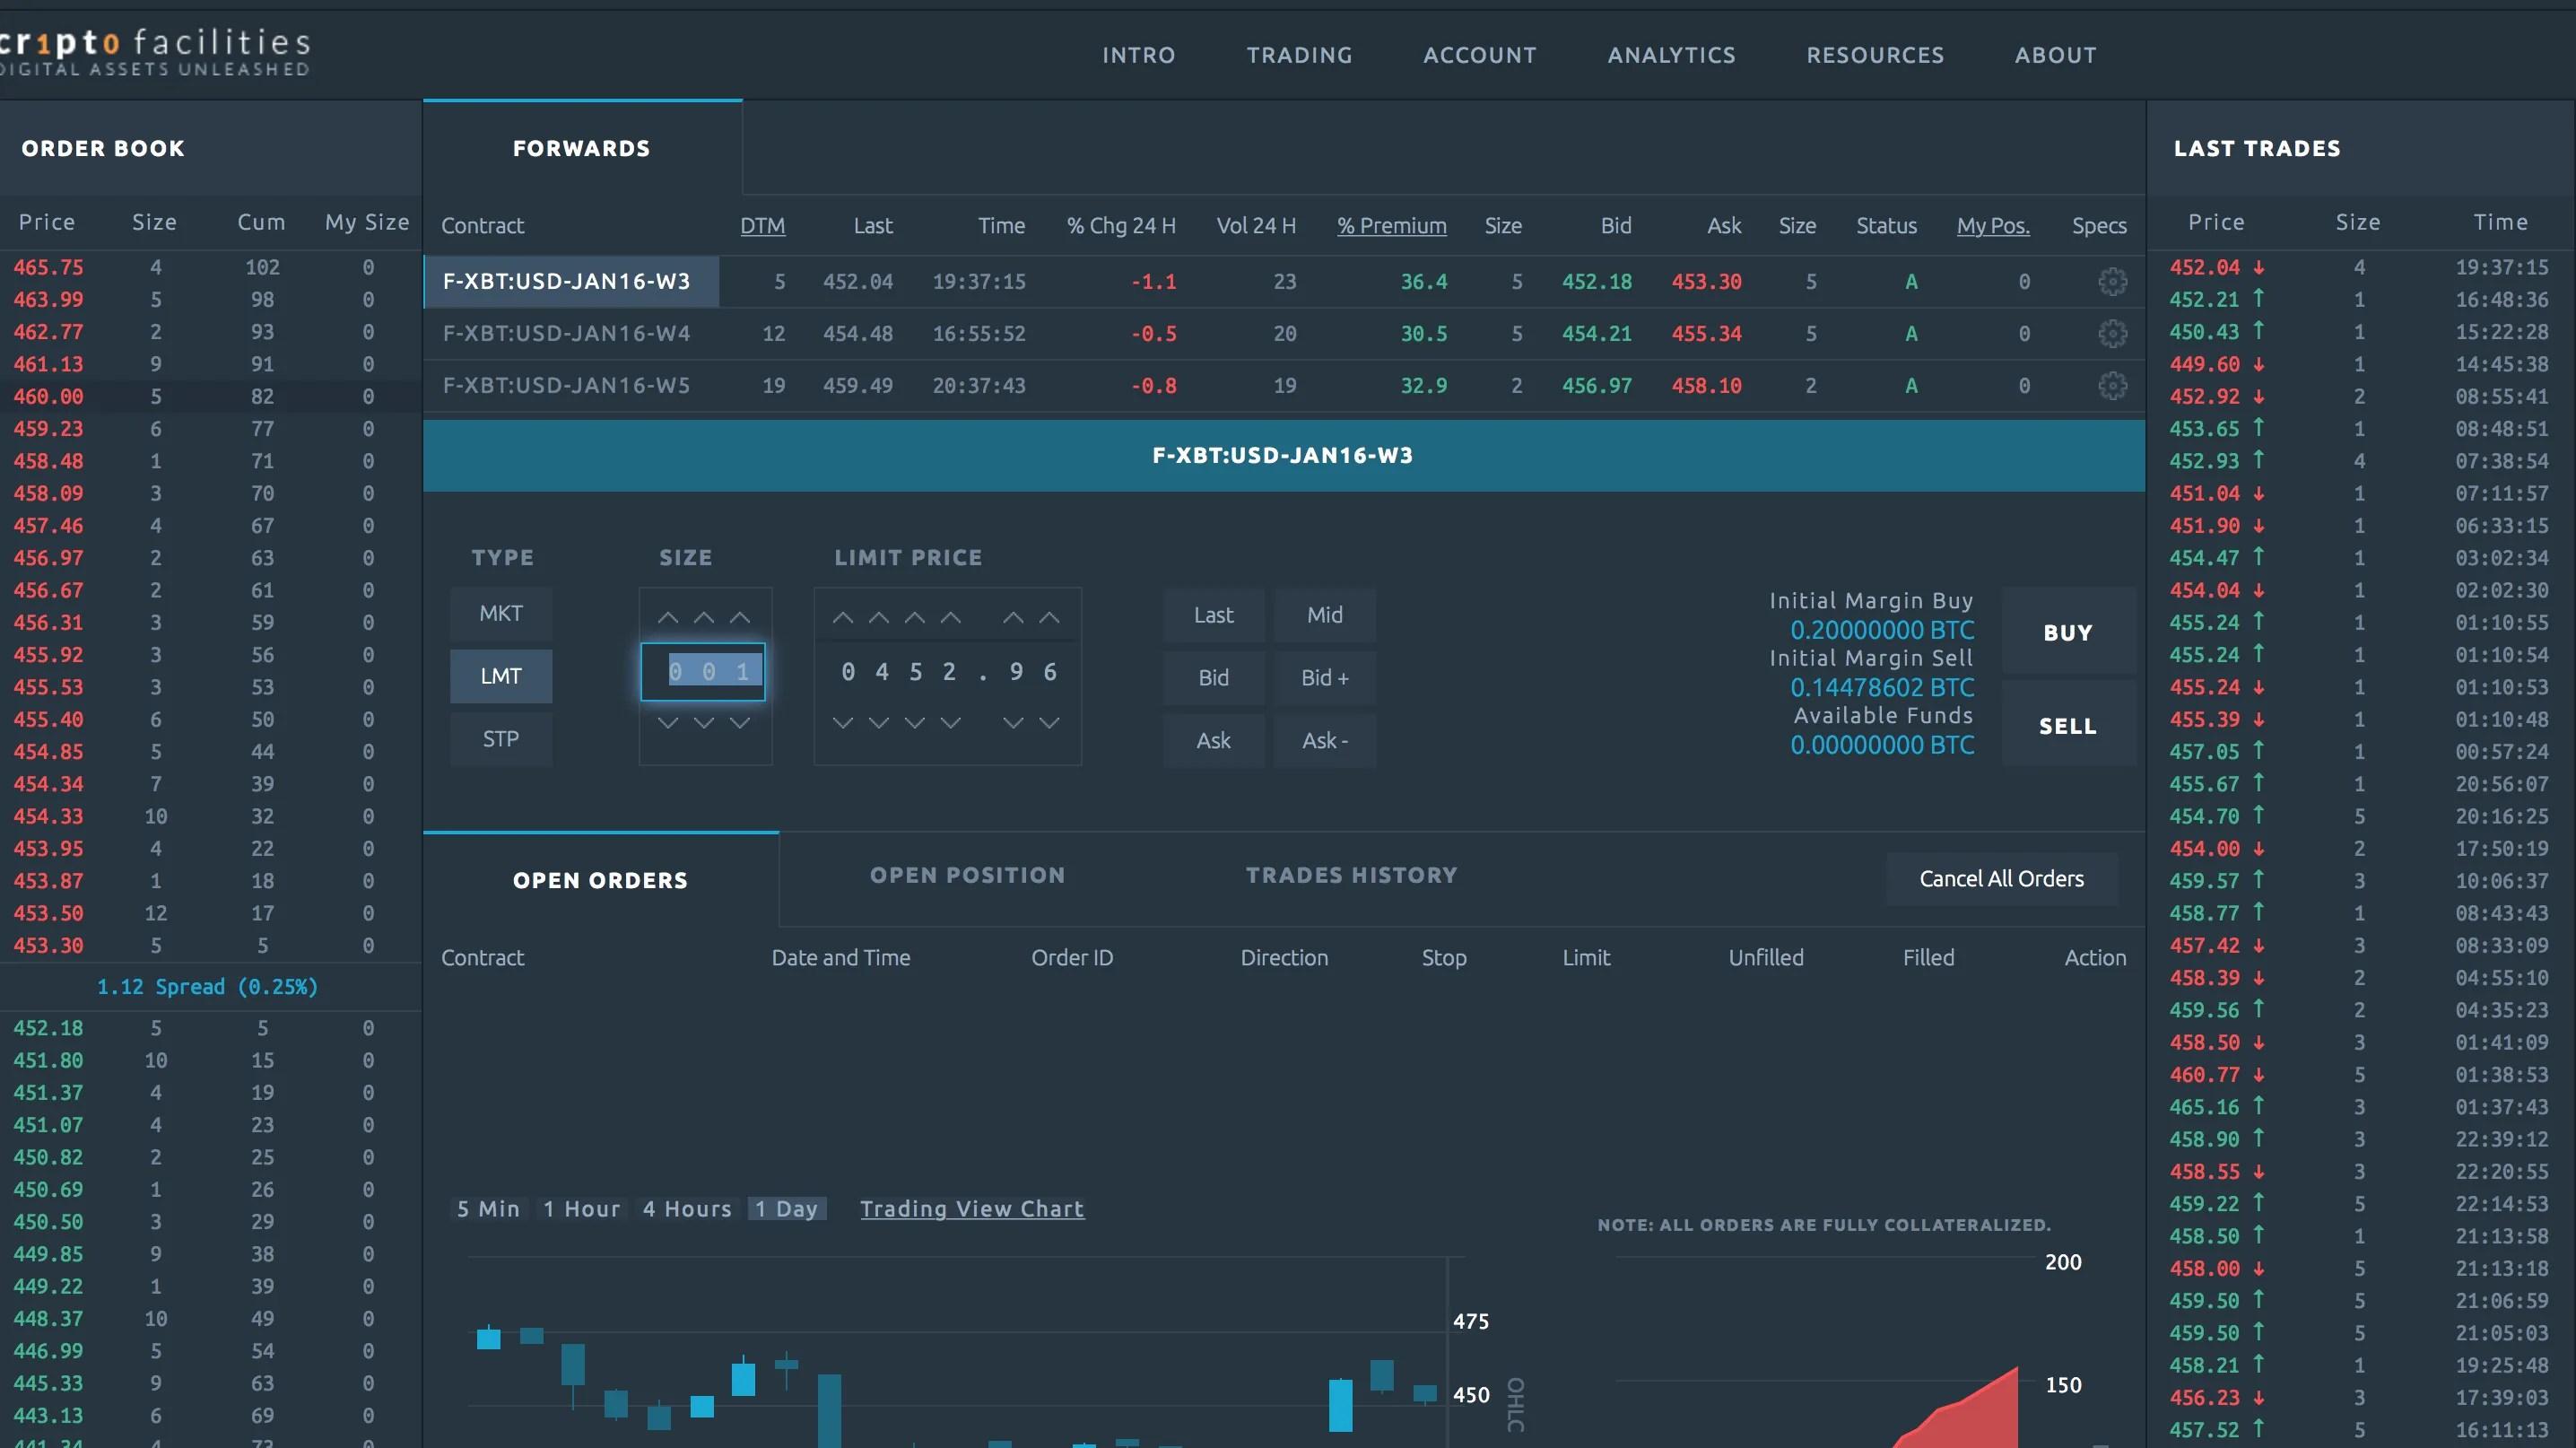 crypto facilities main interface